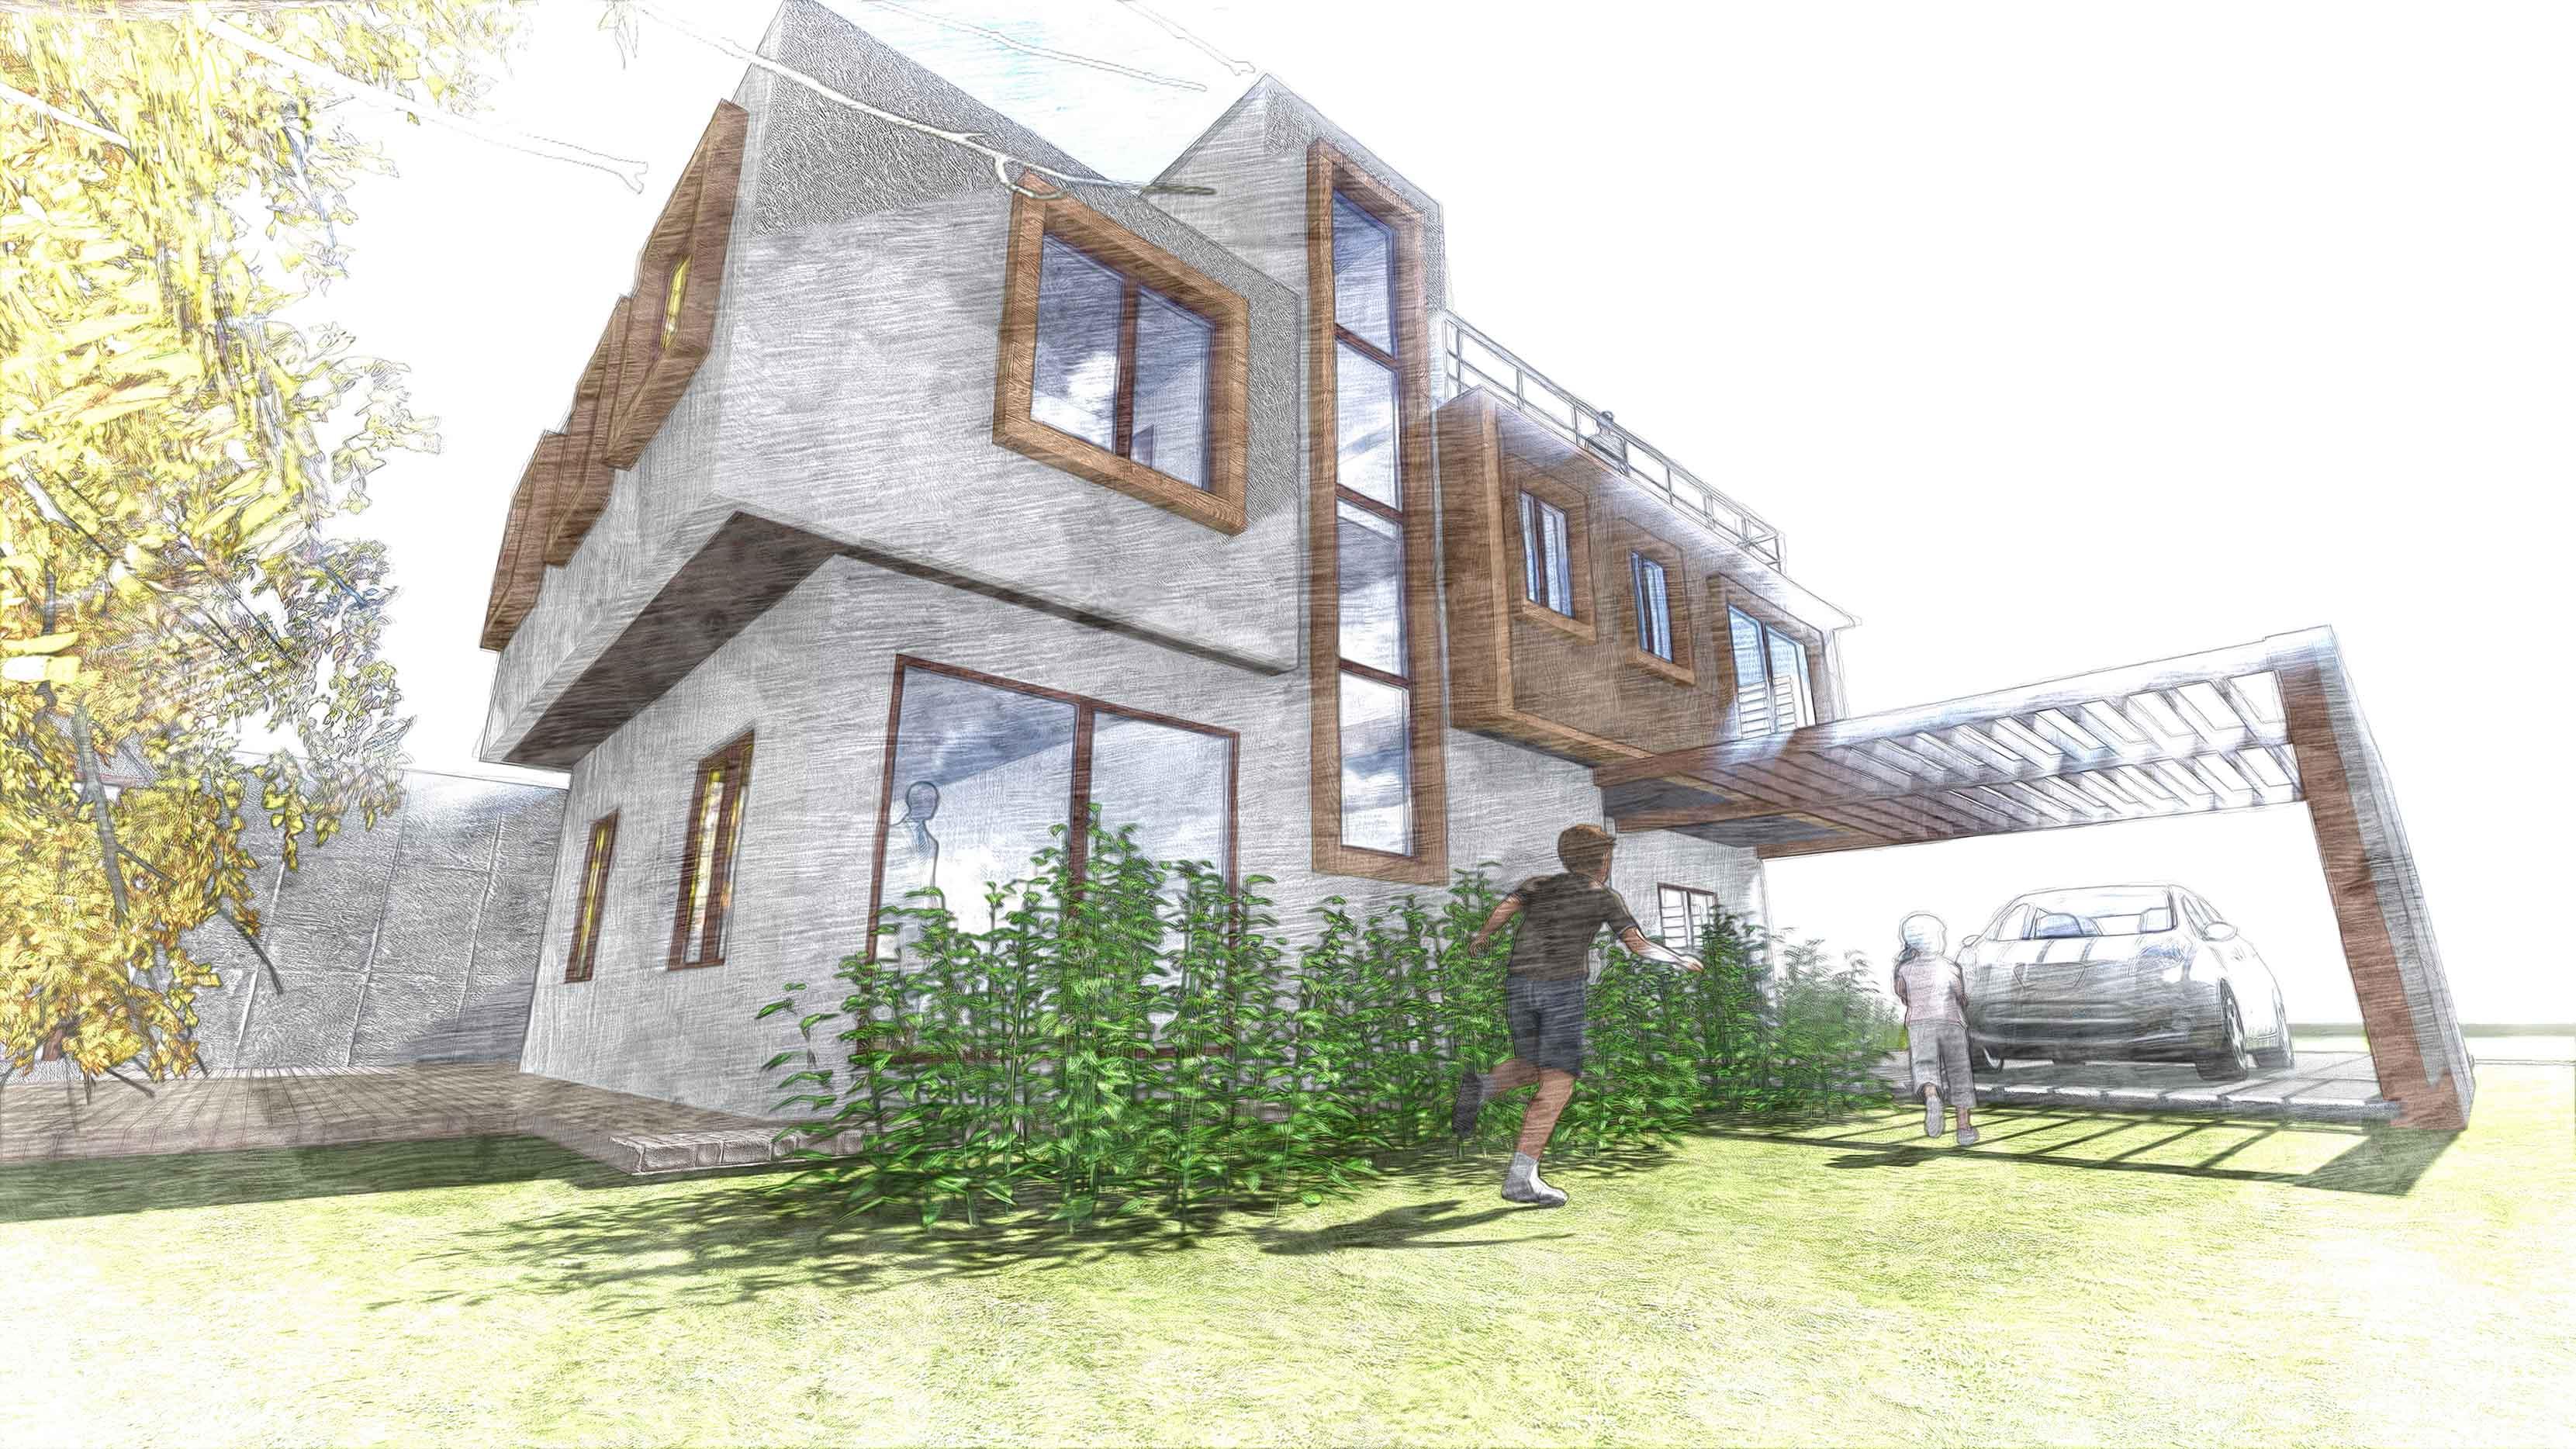 Biourban casa mislan vitacura chile for Crear viviendas